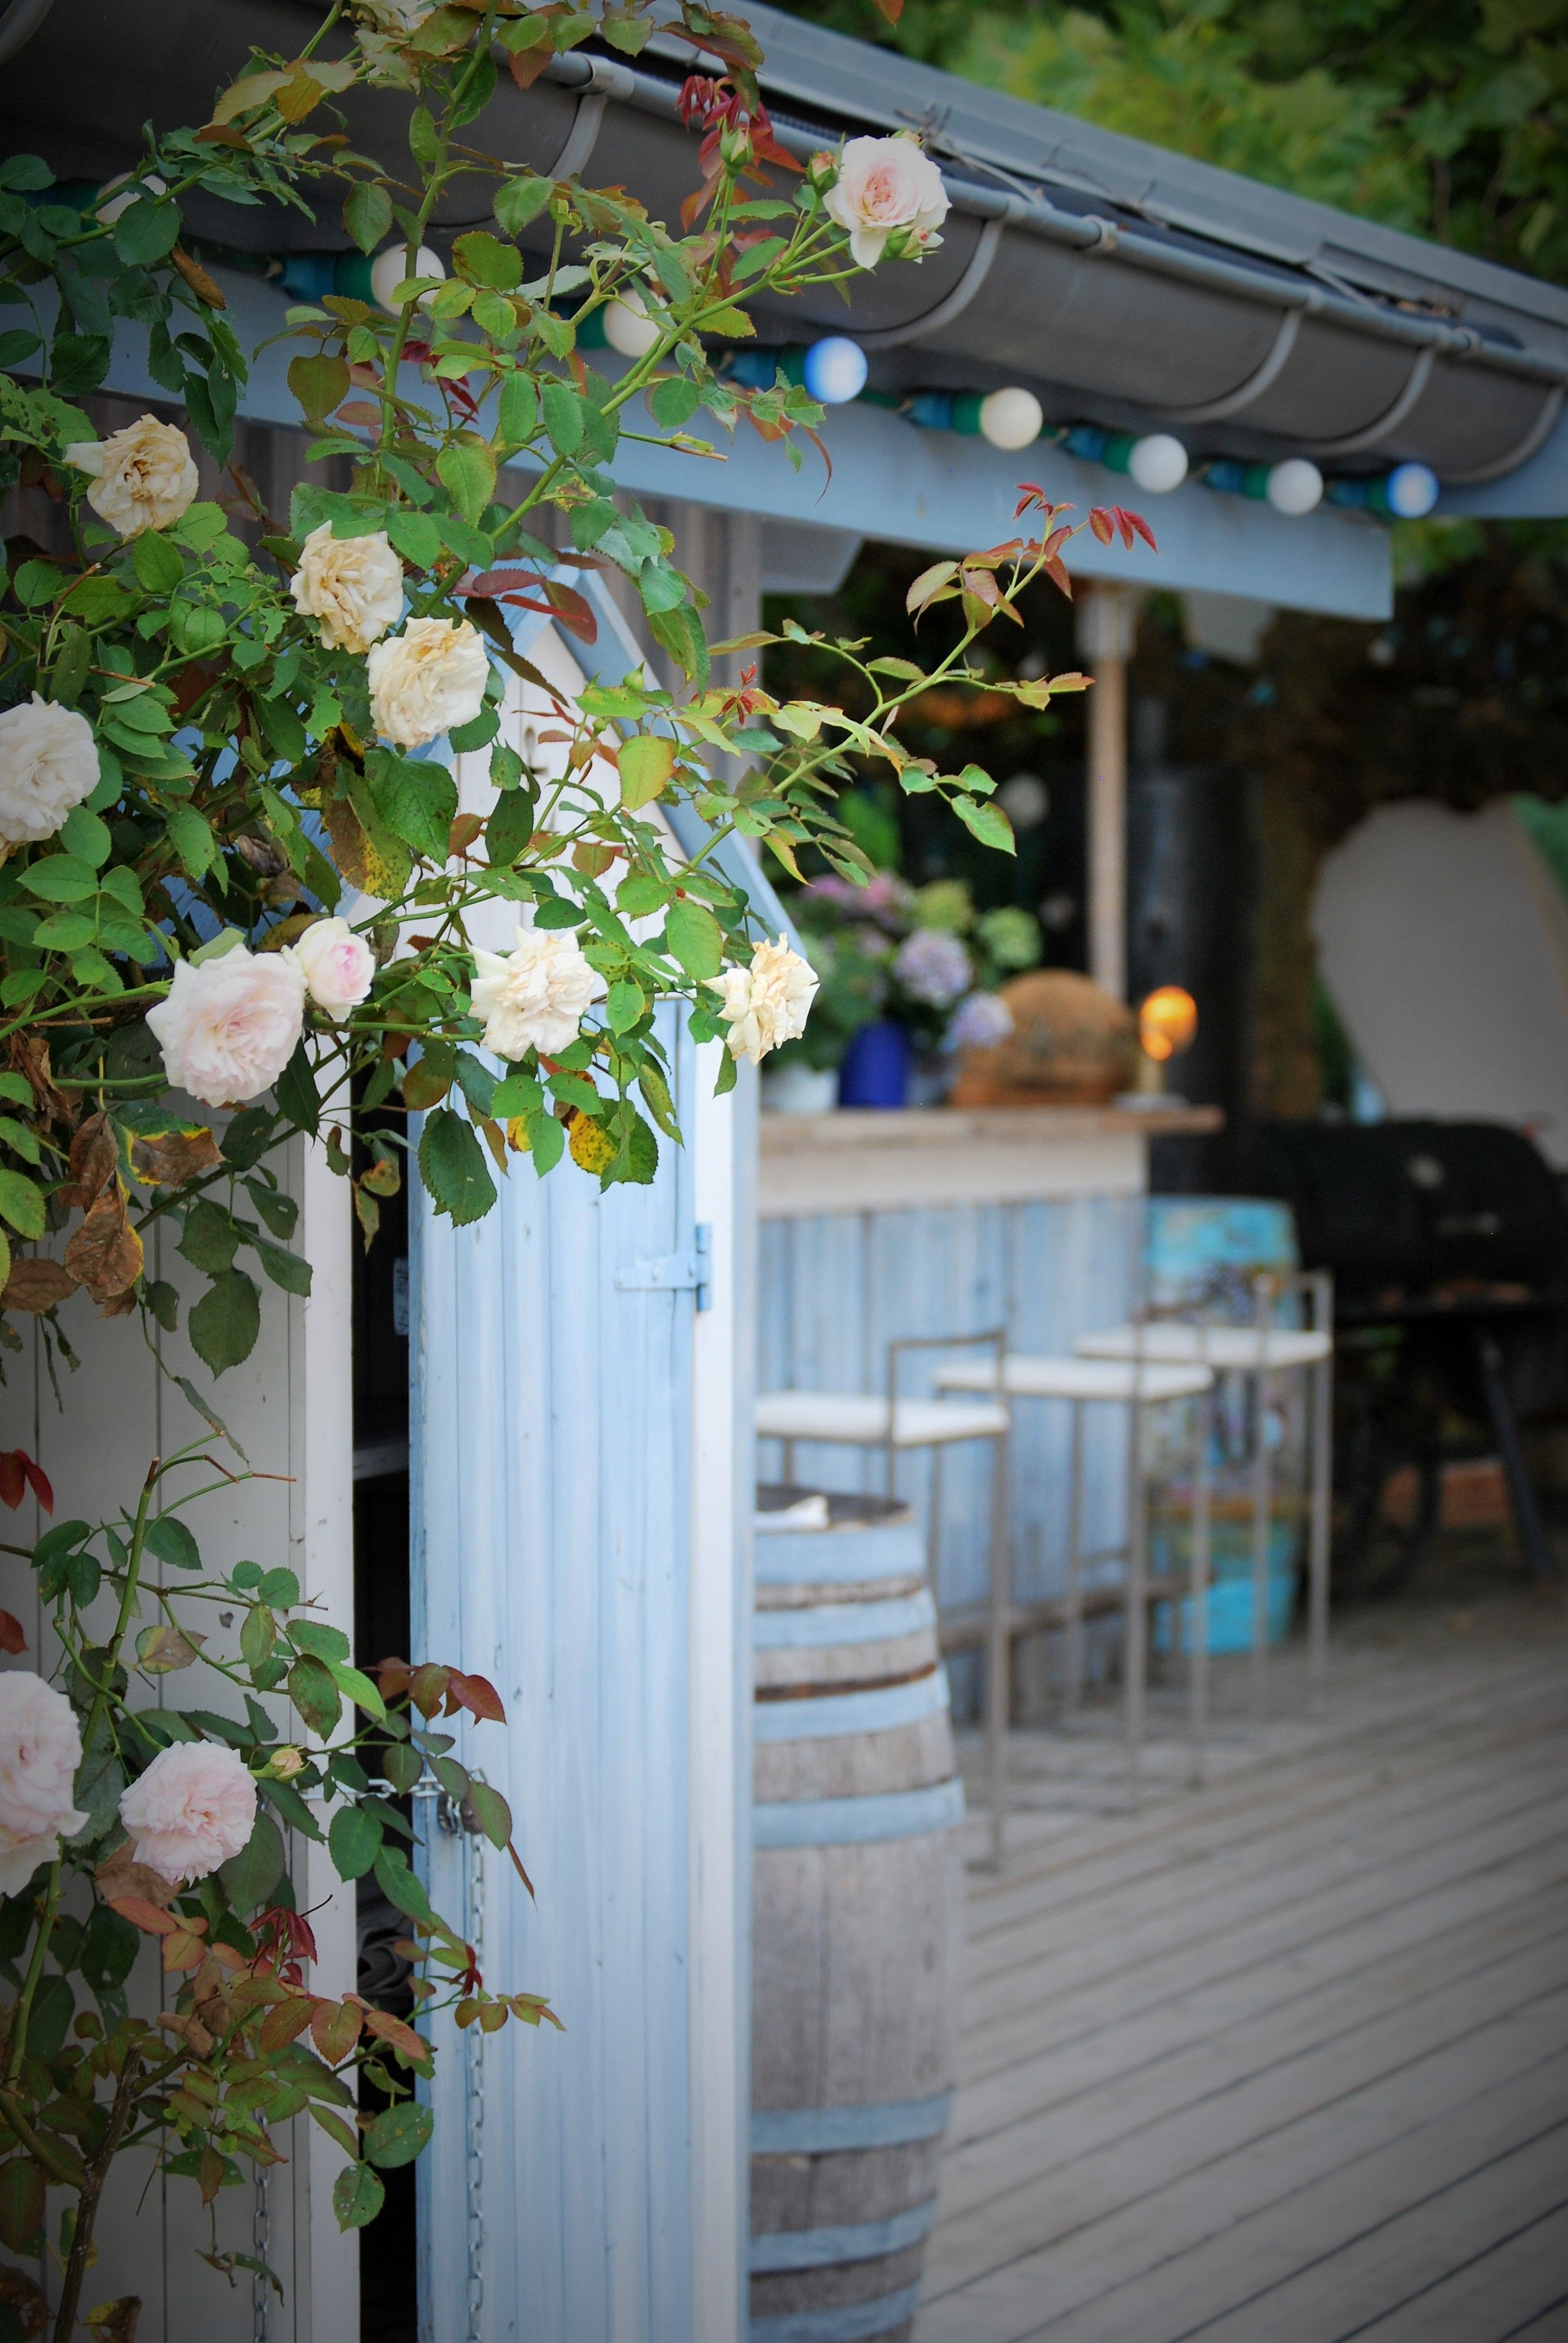 Quoi Faire A Geneve Quand Il Pleut Le Petit Paradis Restaurant Paisible Et Hors Du Temps A Angon La Gazette Des Blondes Annecy Lac Annecy Que Faire A Annecy